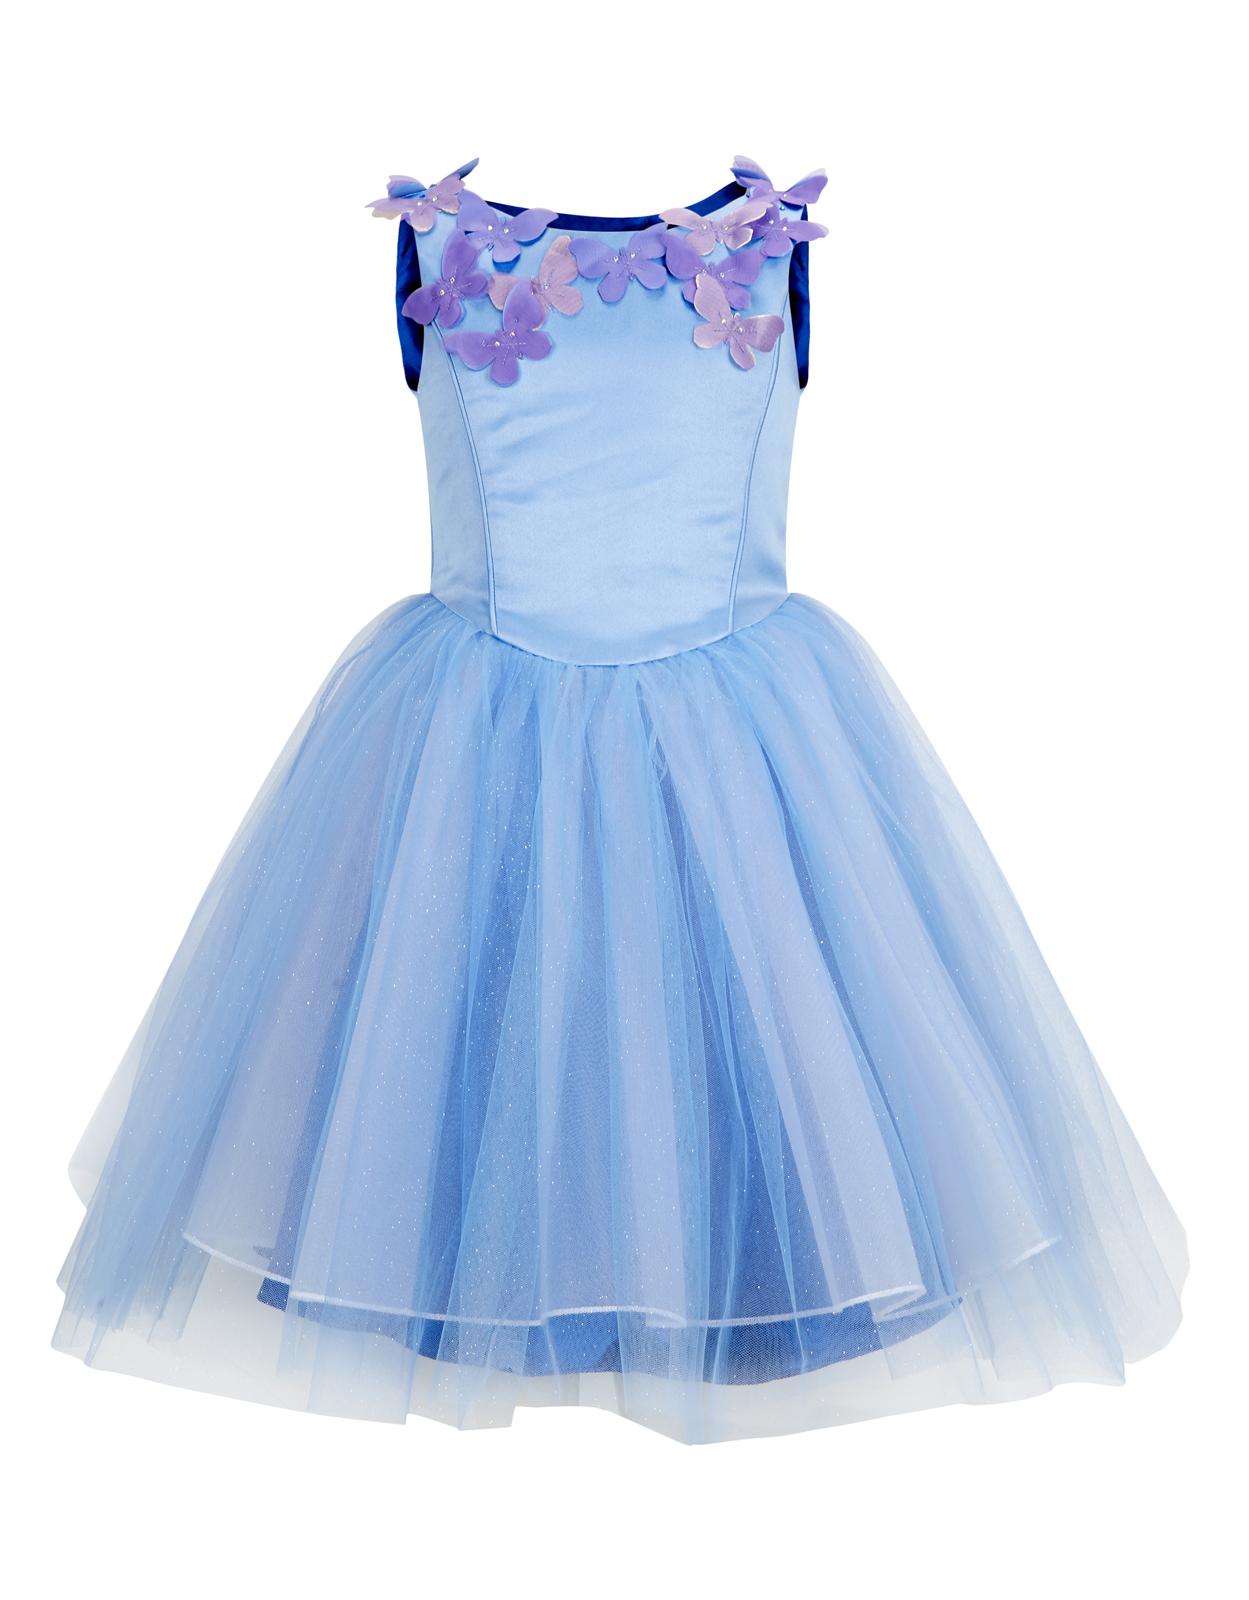 Inspirasi Model dan Tips Memilih Gaun Pesta Untuk Anak ...